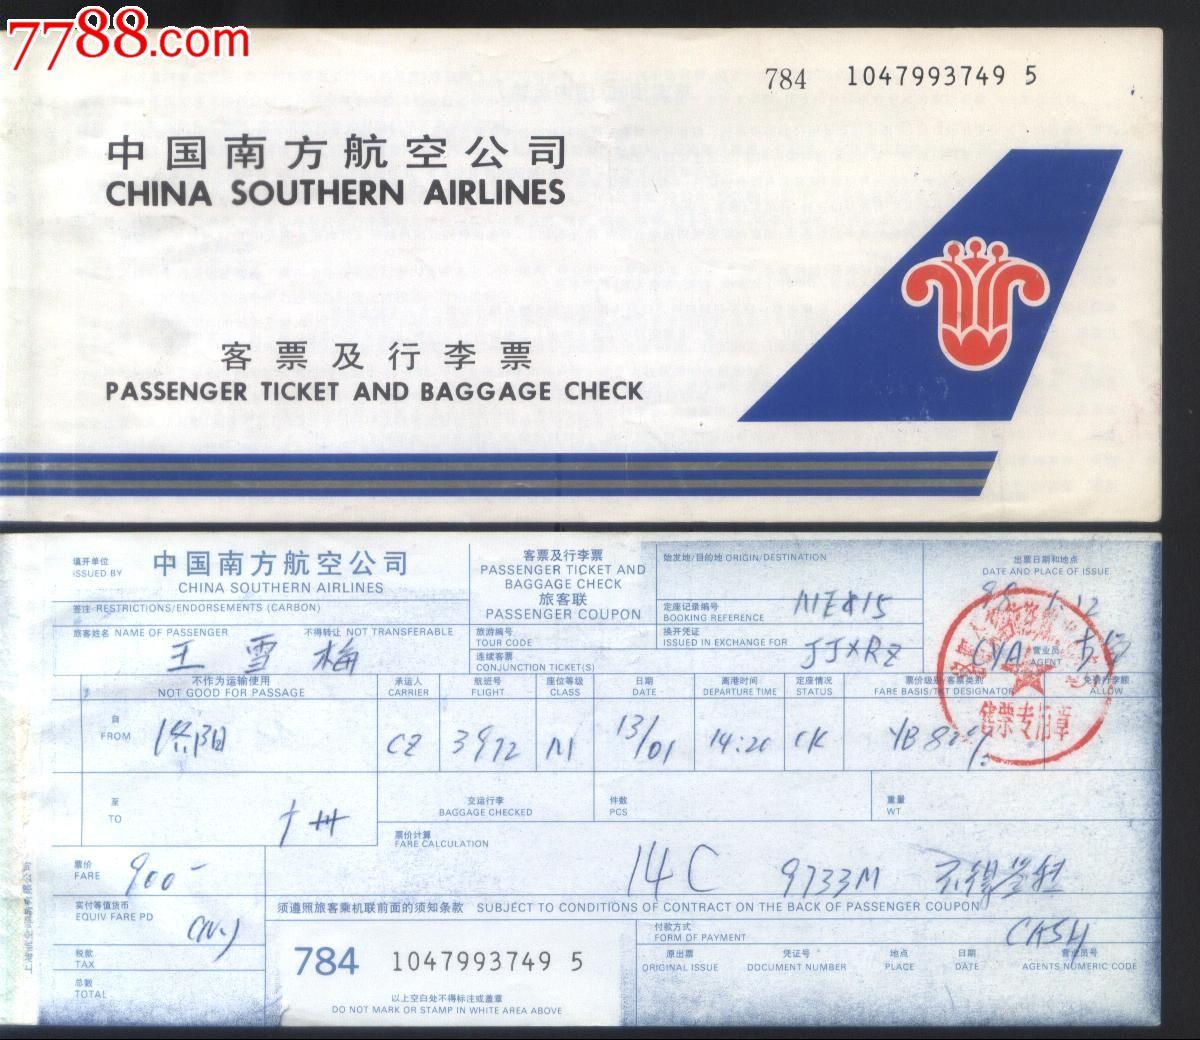 旧老客票联-南方航司cz3972航班洛阳→广州背无印广告图_价格13元